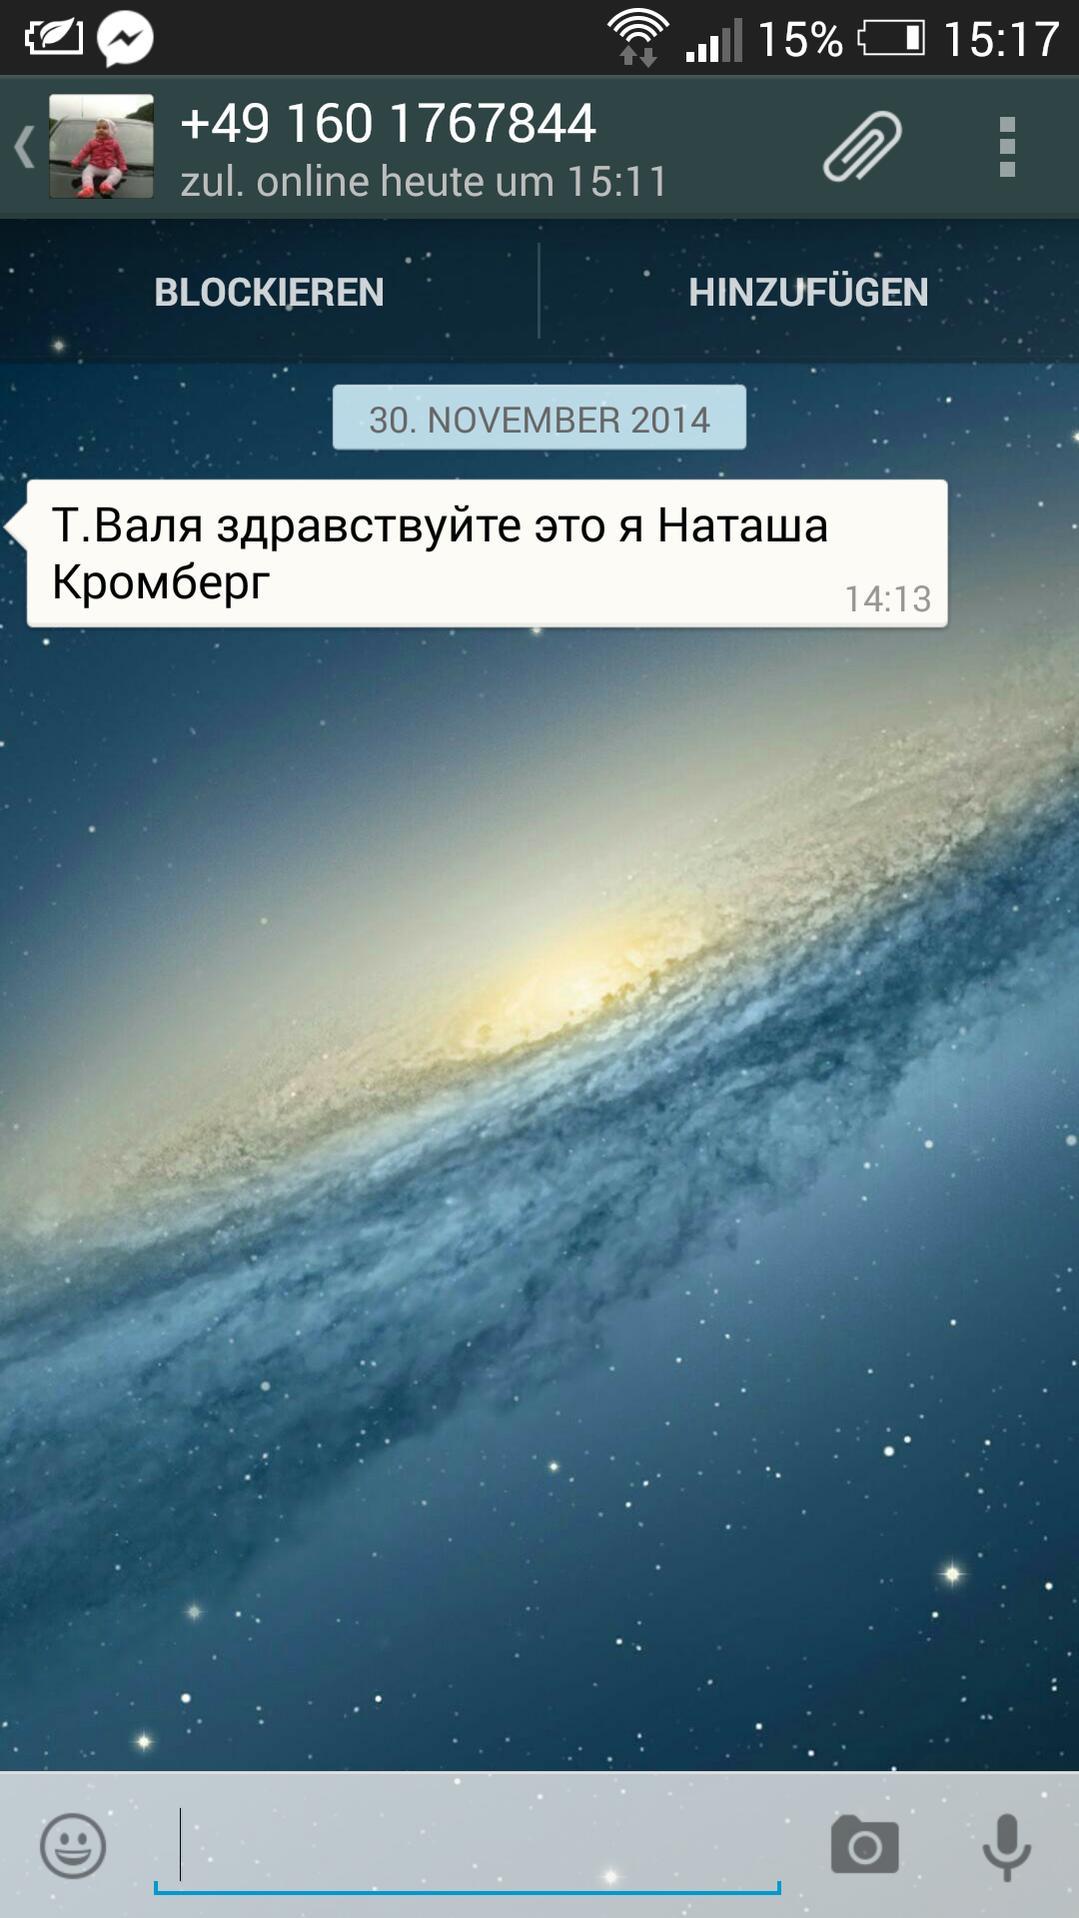 Whatsapp nummer blockieren